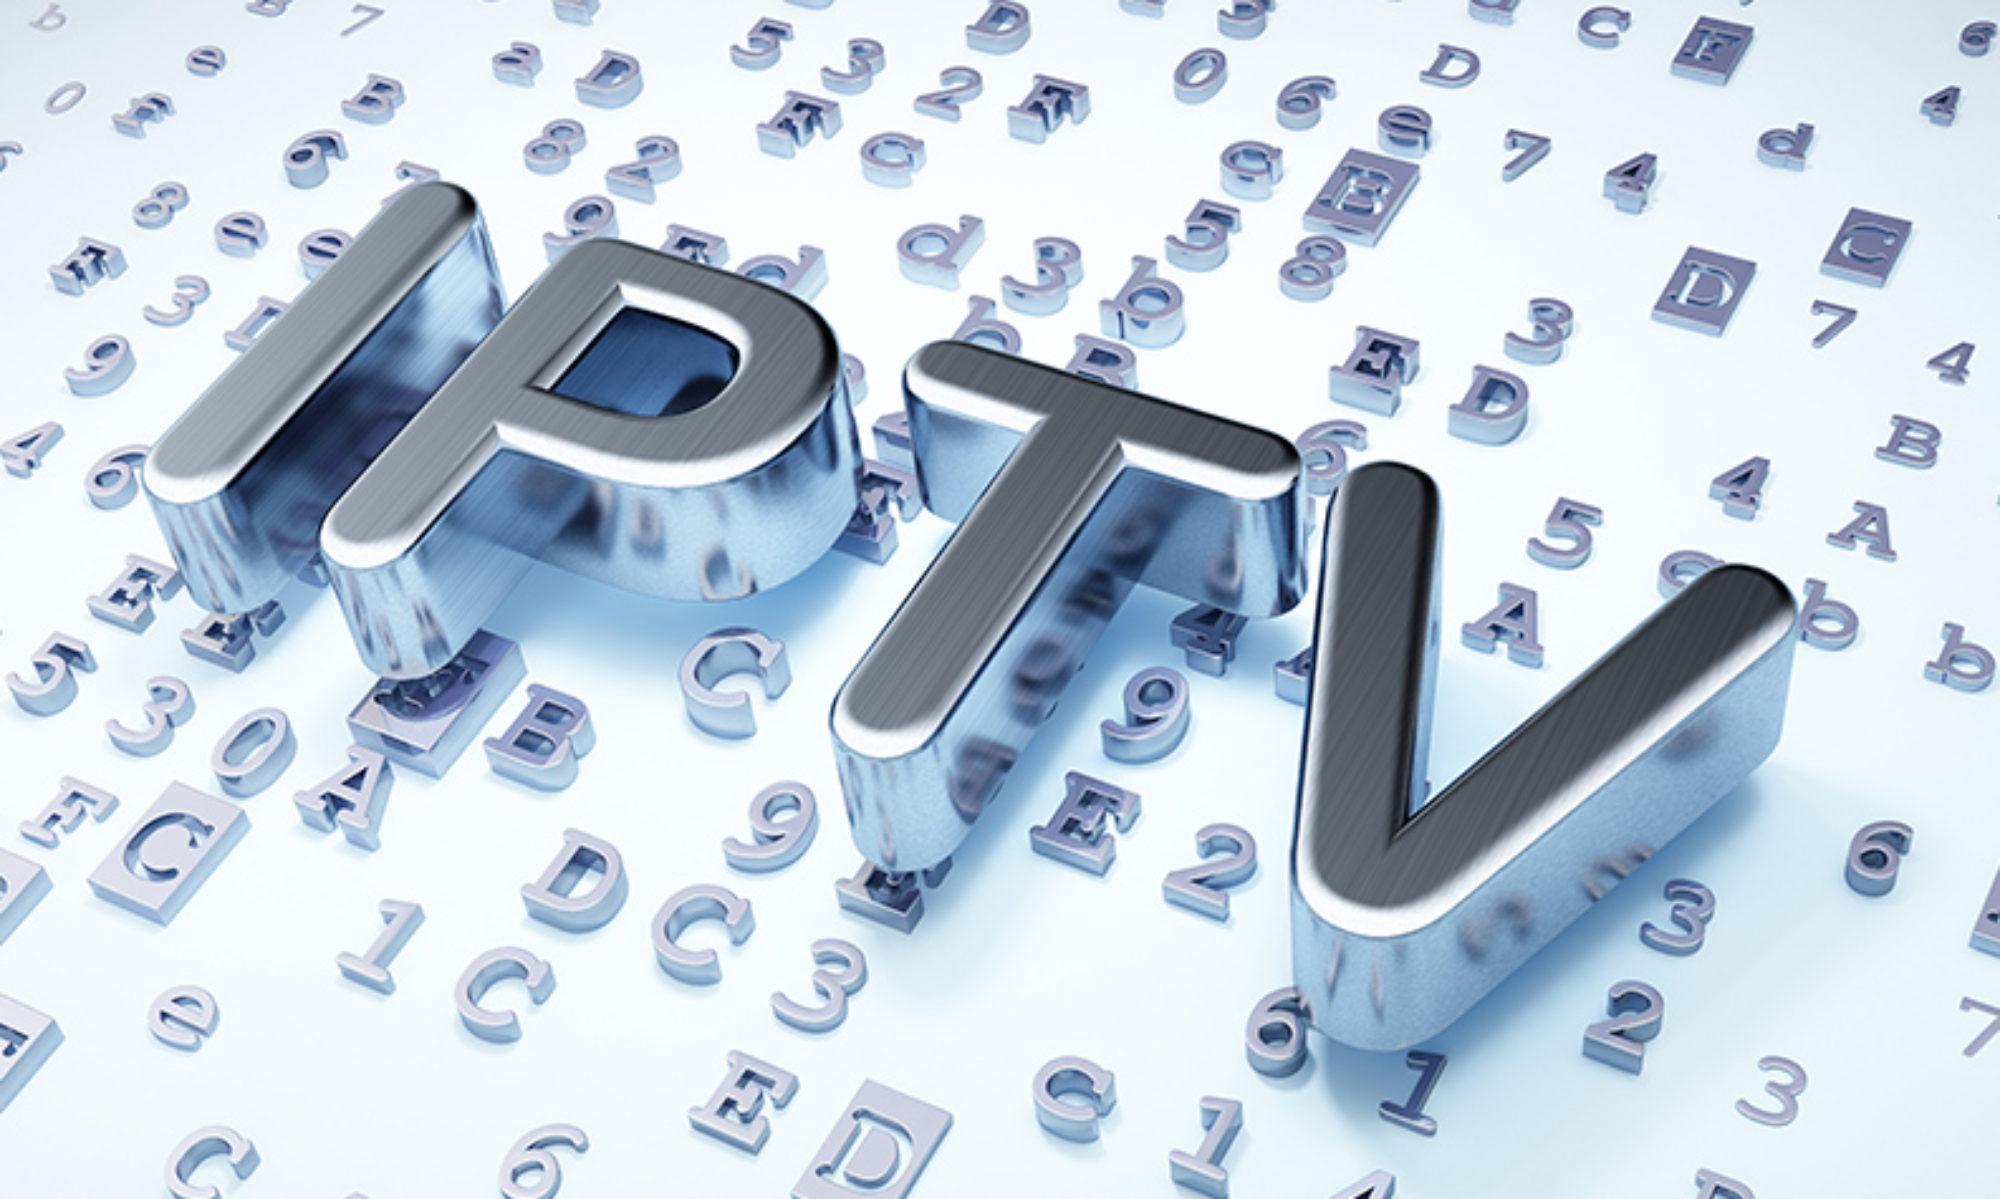 Escolhendo o provedor de IPTV certo em 2021